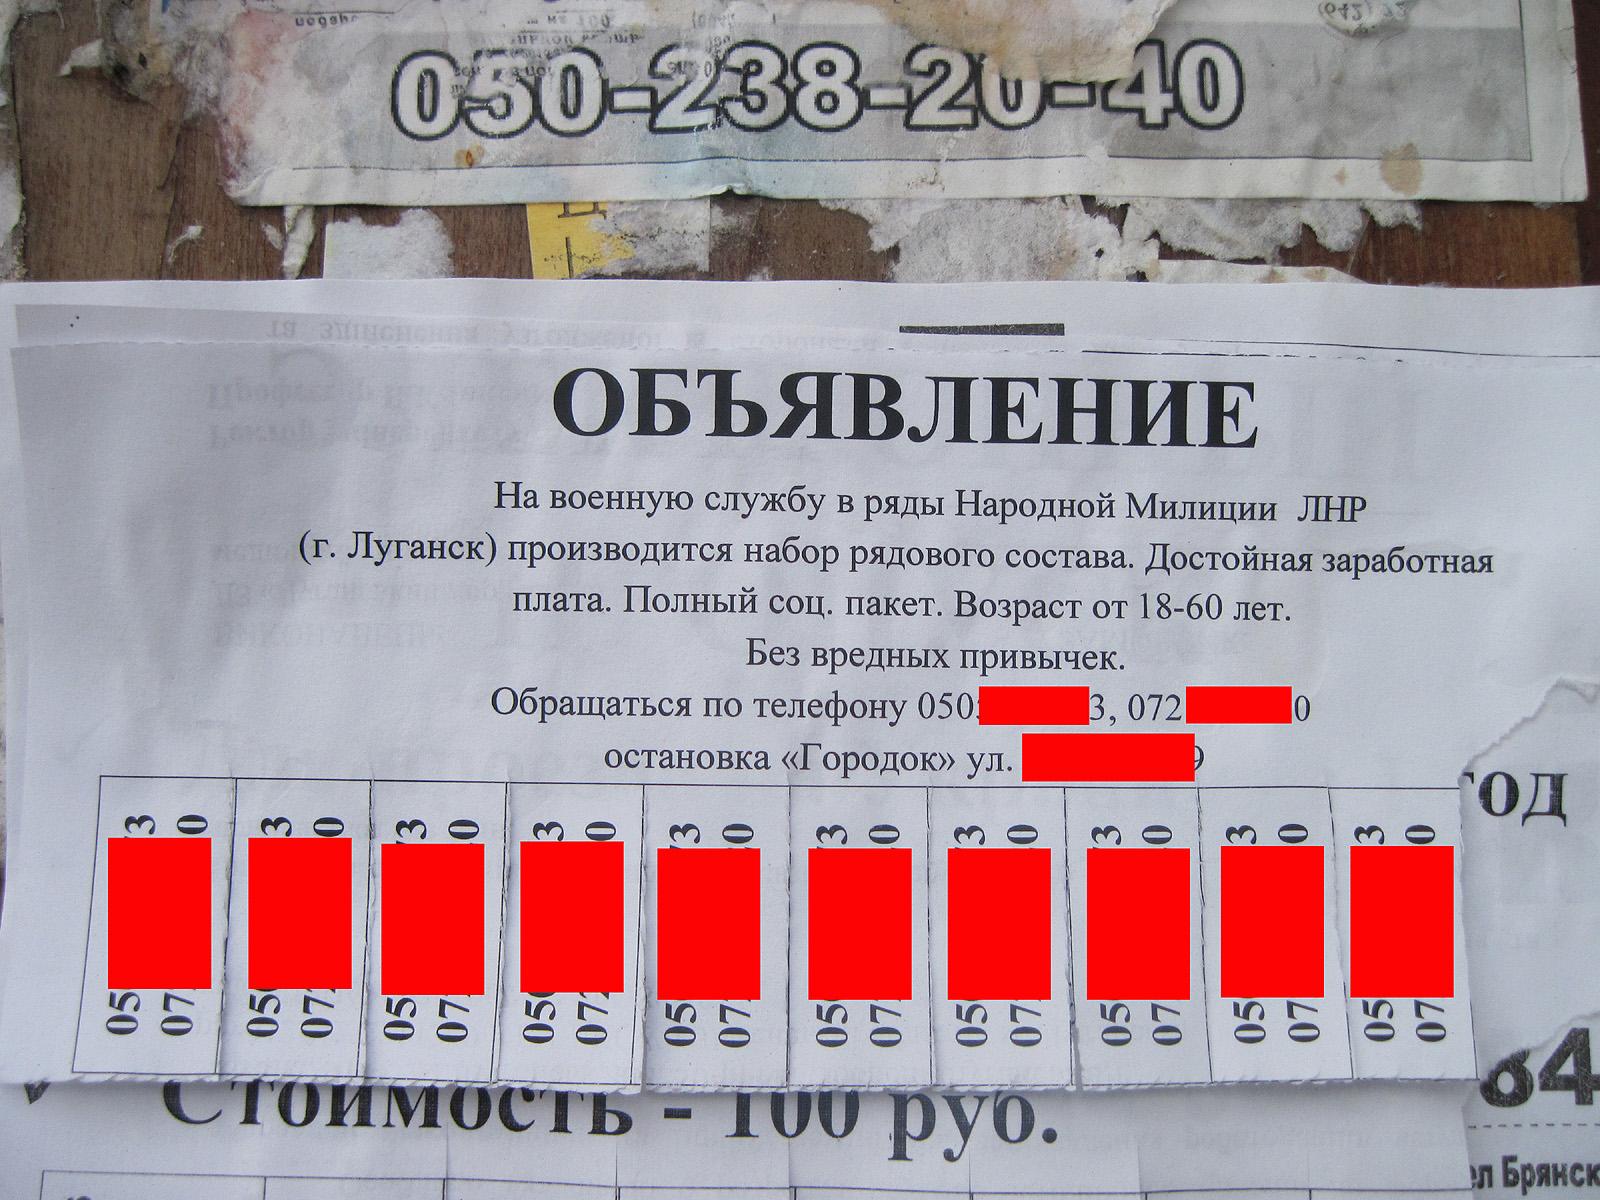 Объявление о наборе в «Народную милицию ЛНР» в Луганске